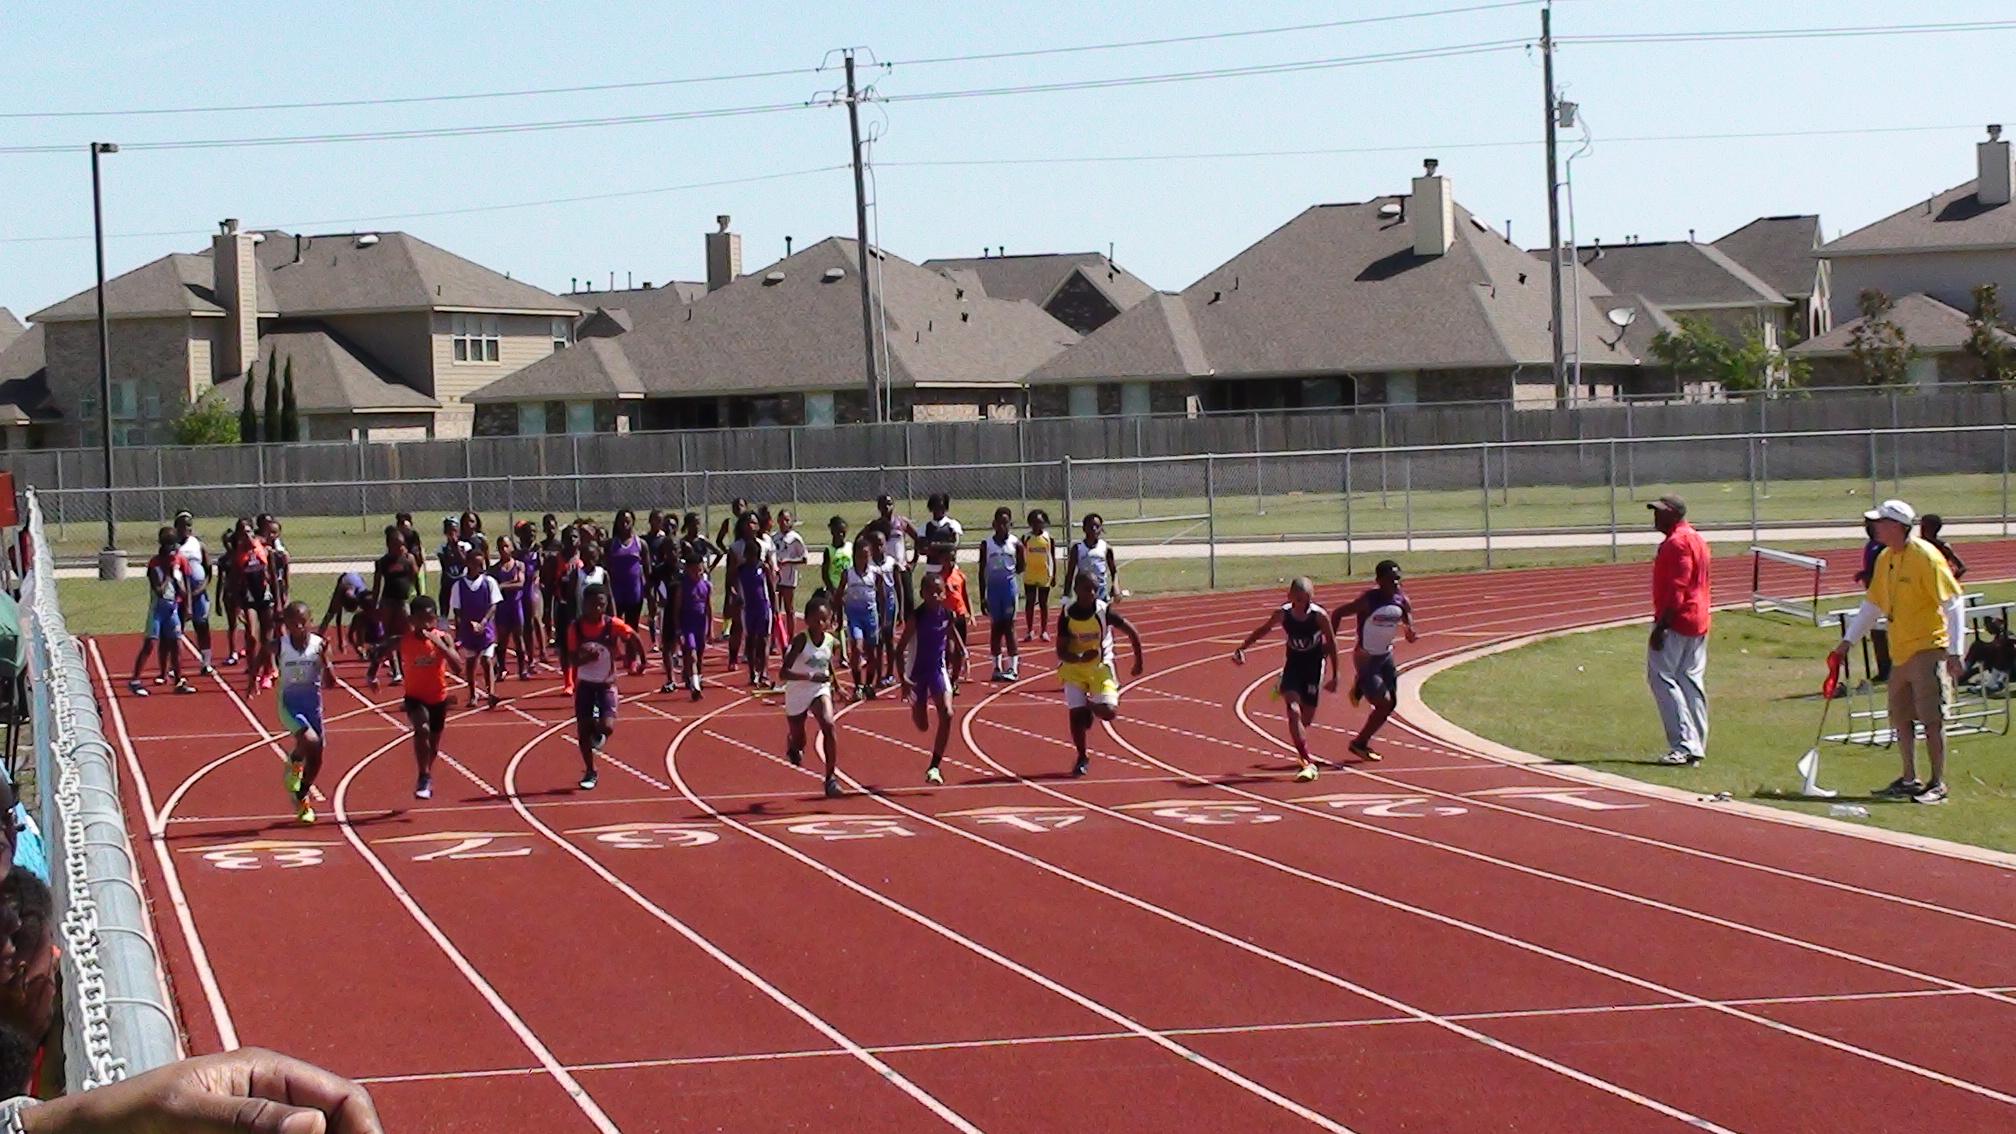 ??? running the 100m